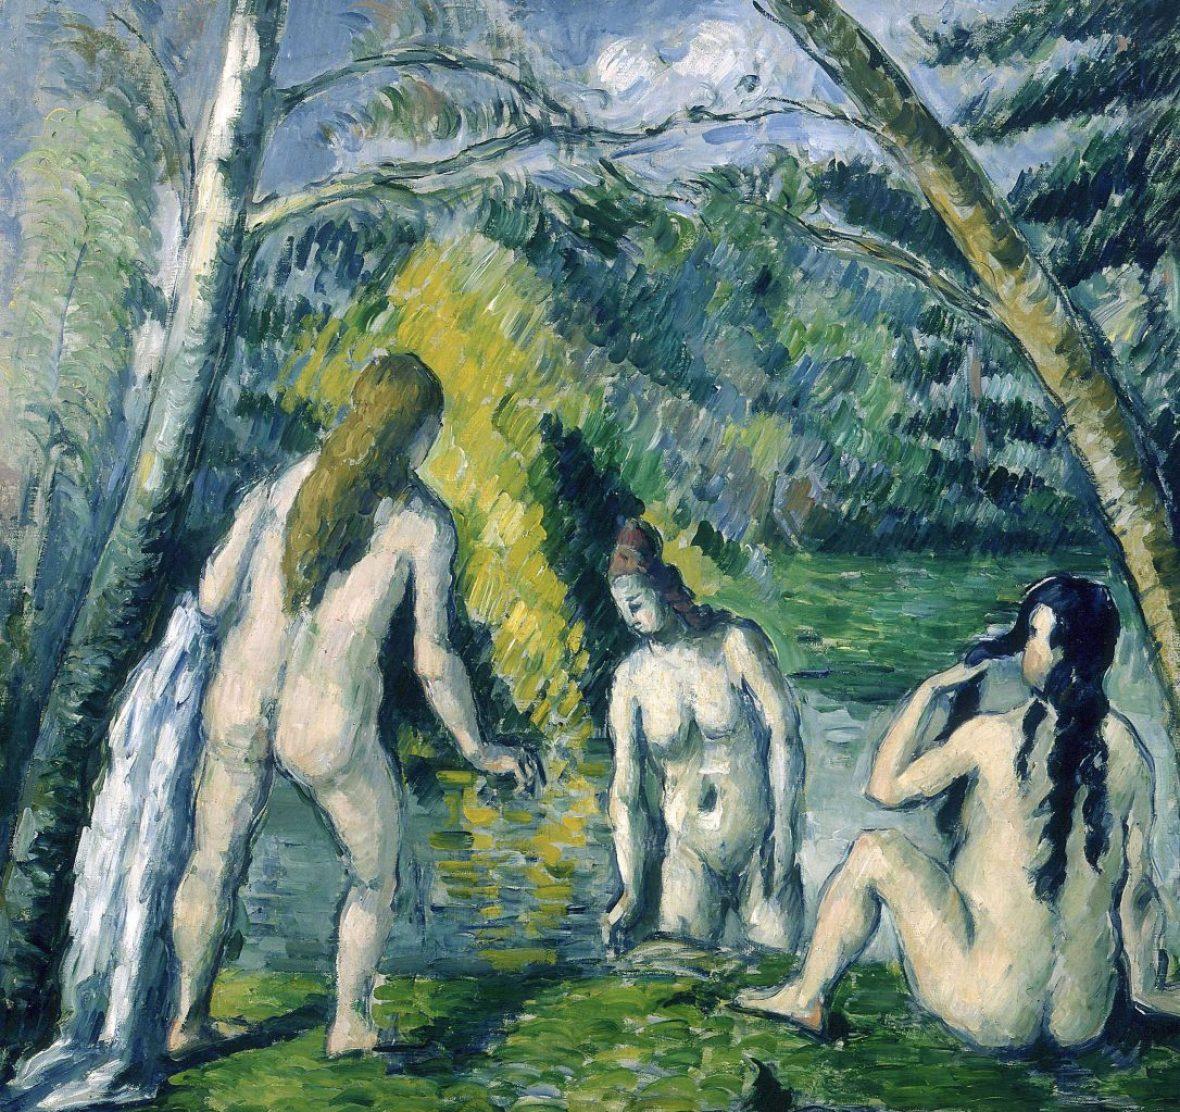 Paul Cézanne, Three Bathers, oil on canvas, 1879-1882, Petit Palais, Paris. Public domain.